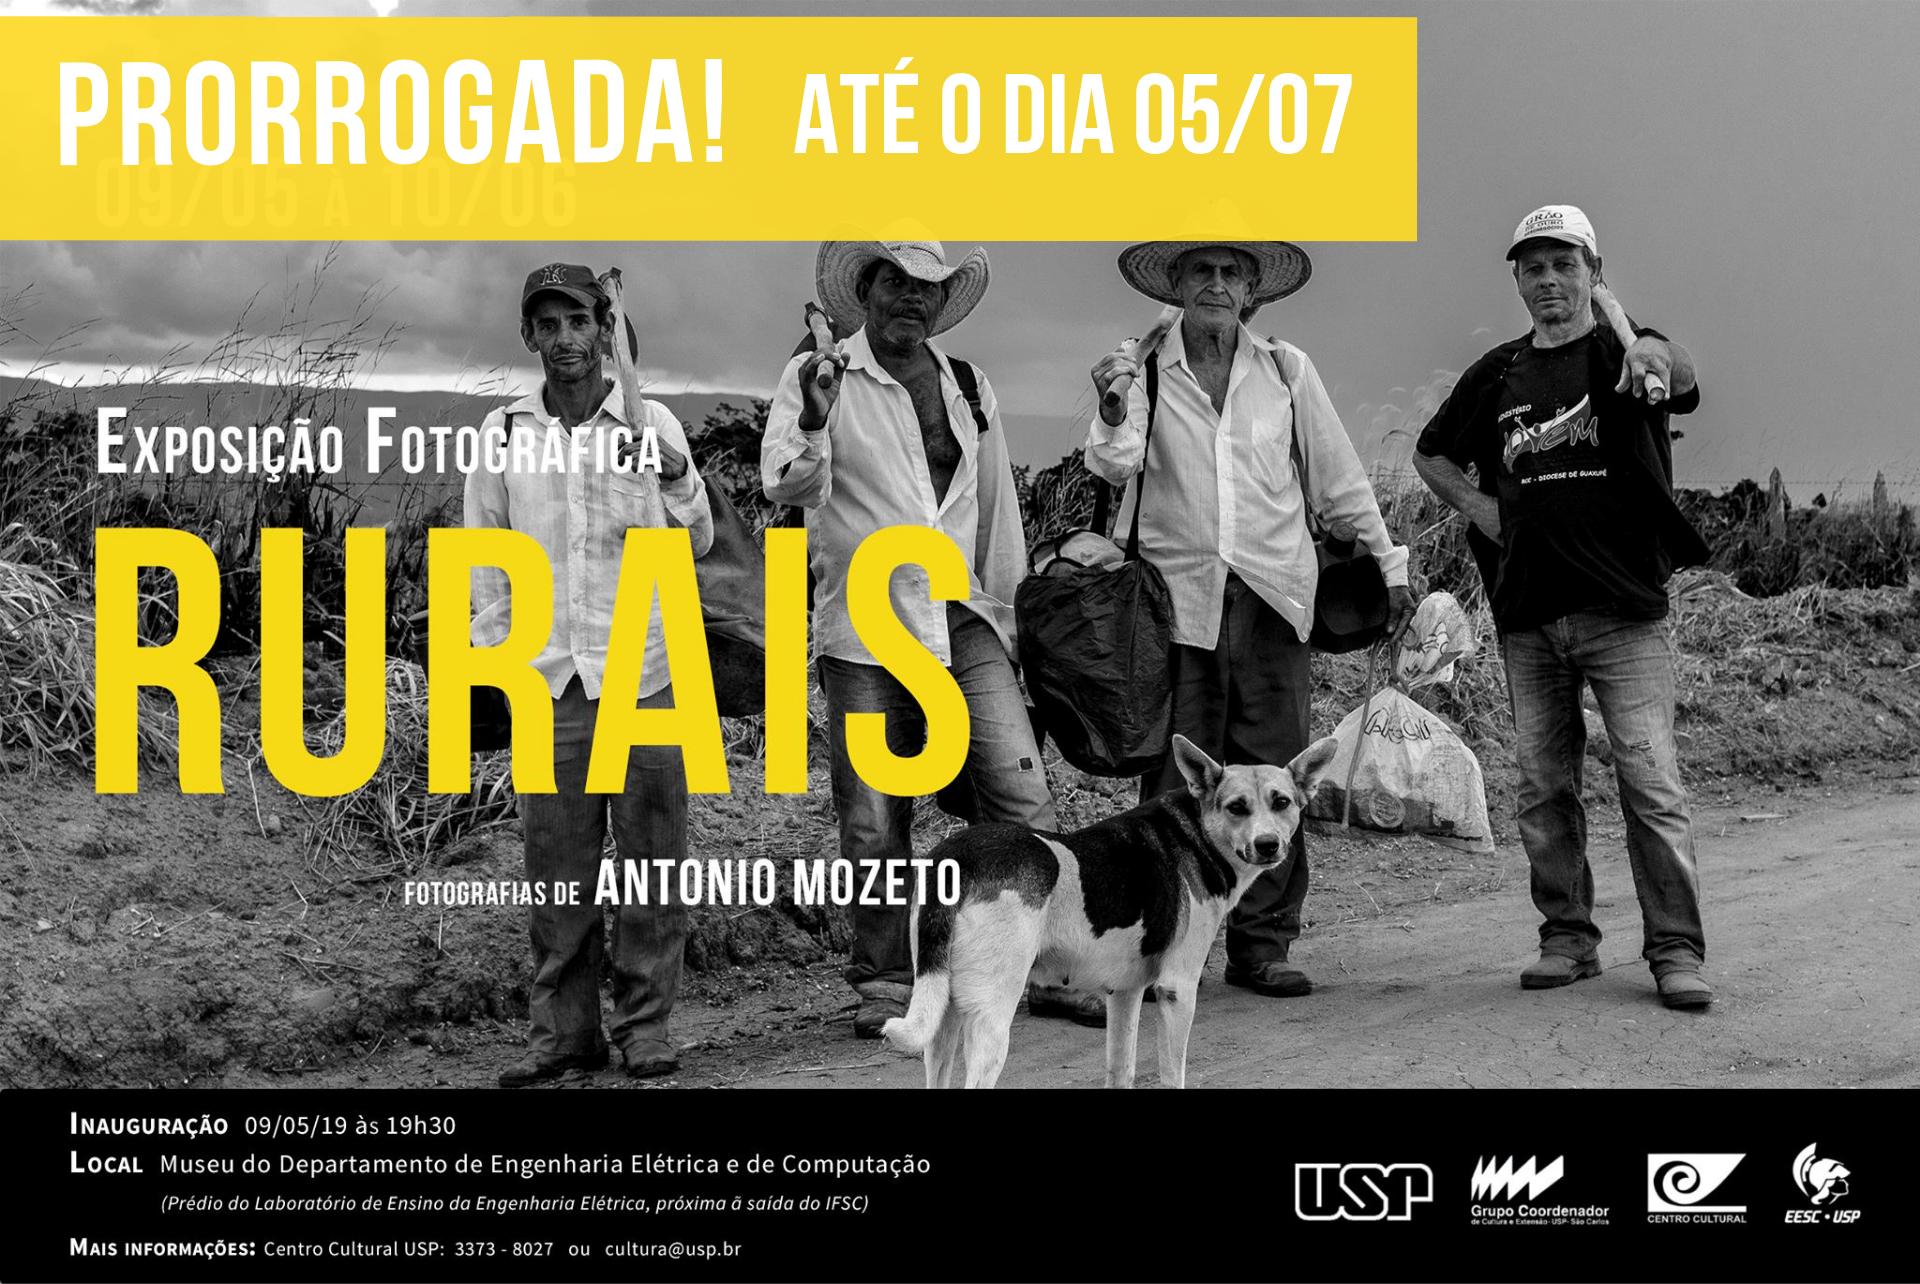 """Exposição Fotográfica """"Rurais"""" – PRORROGADA"""